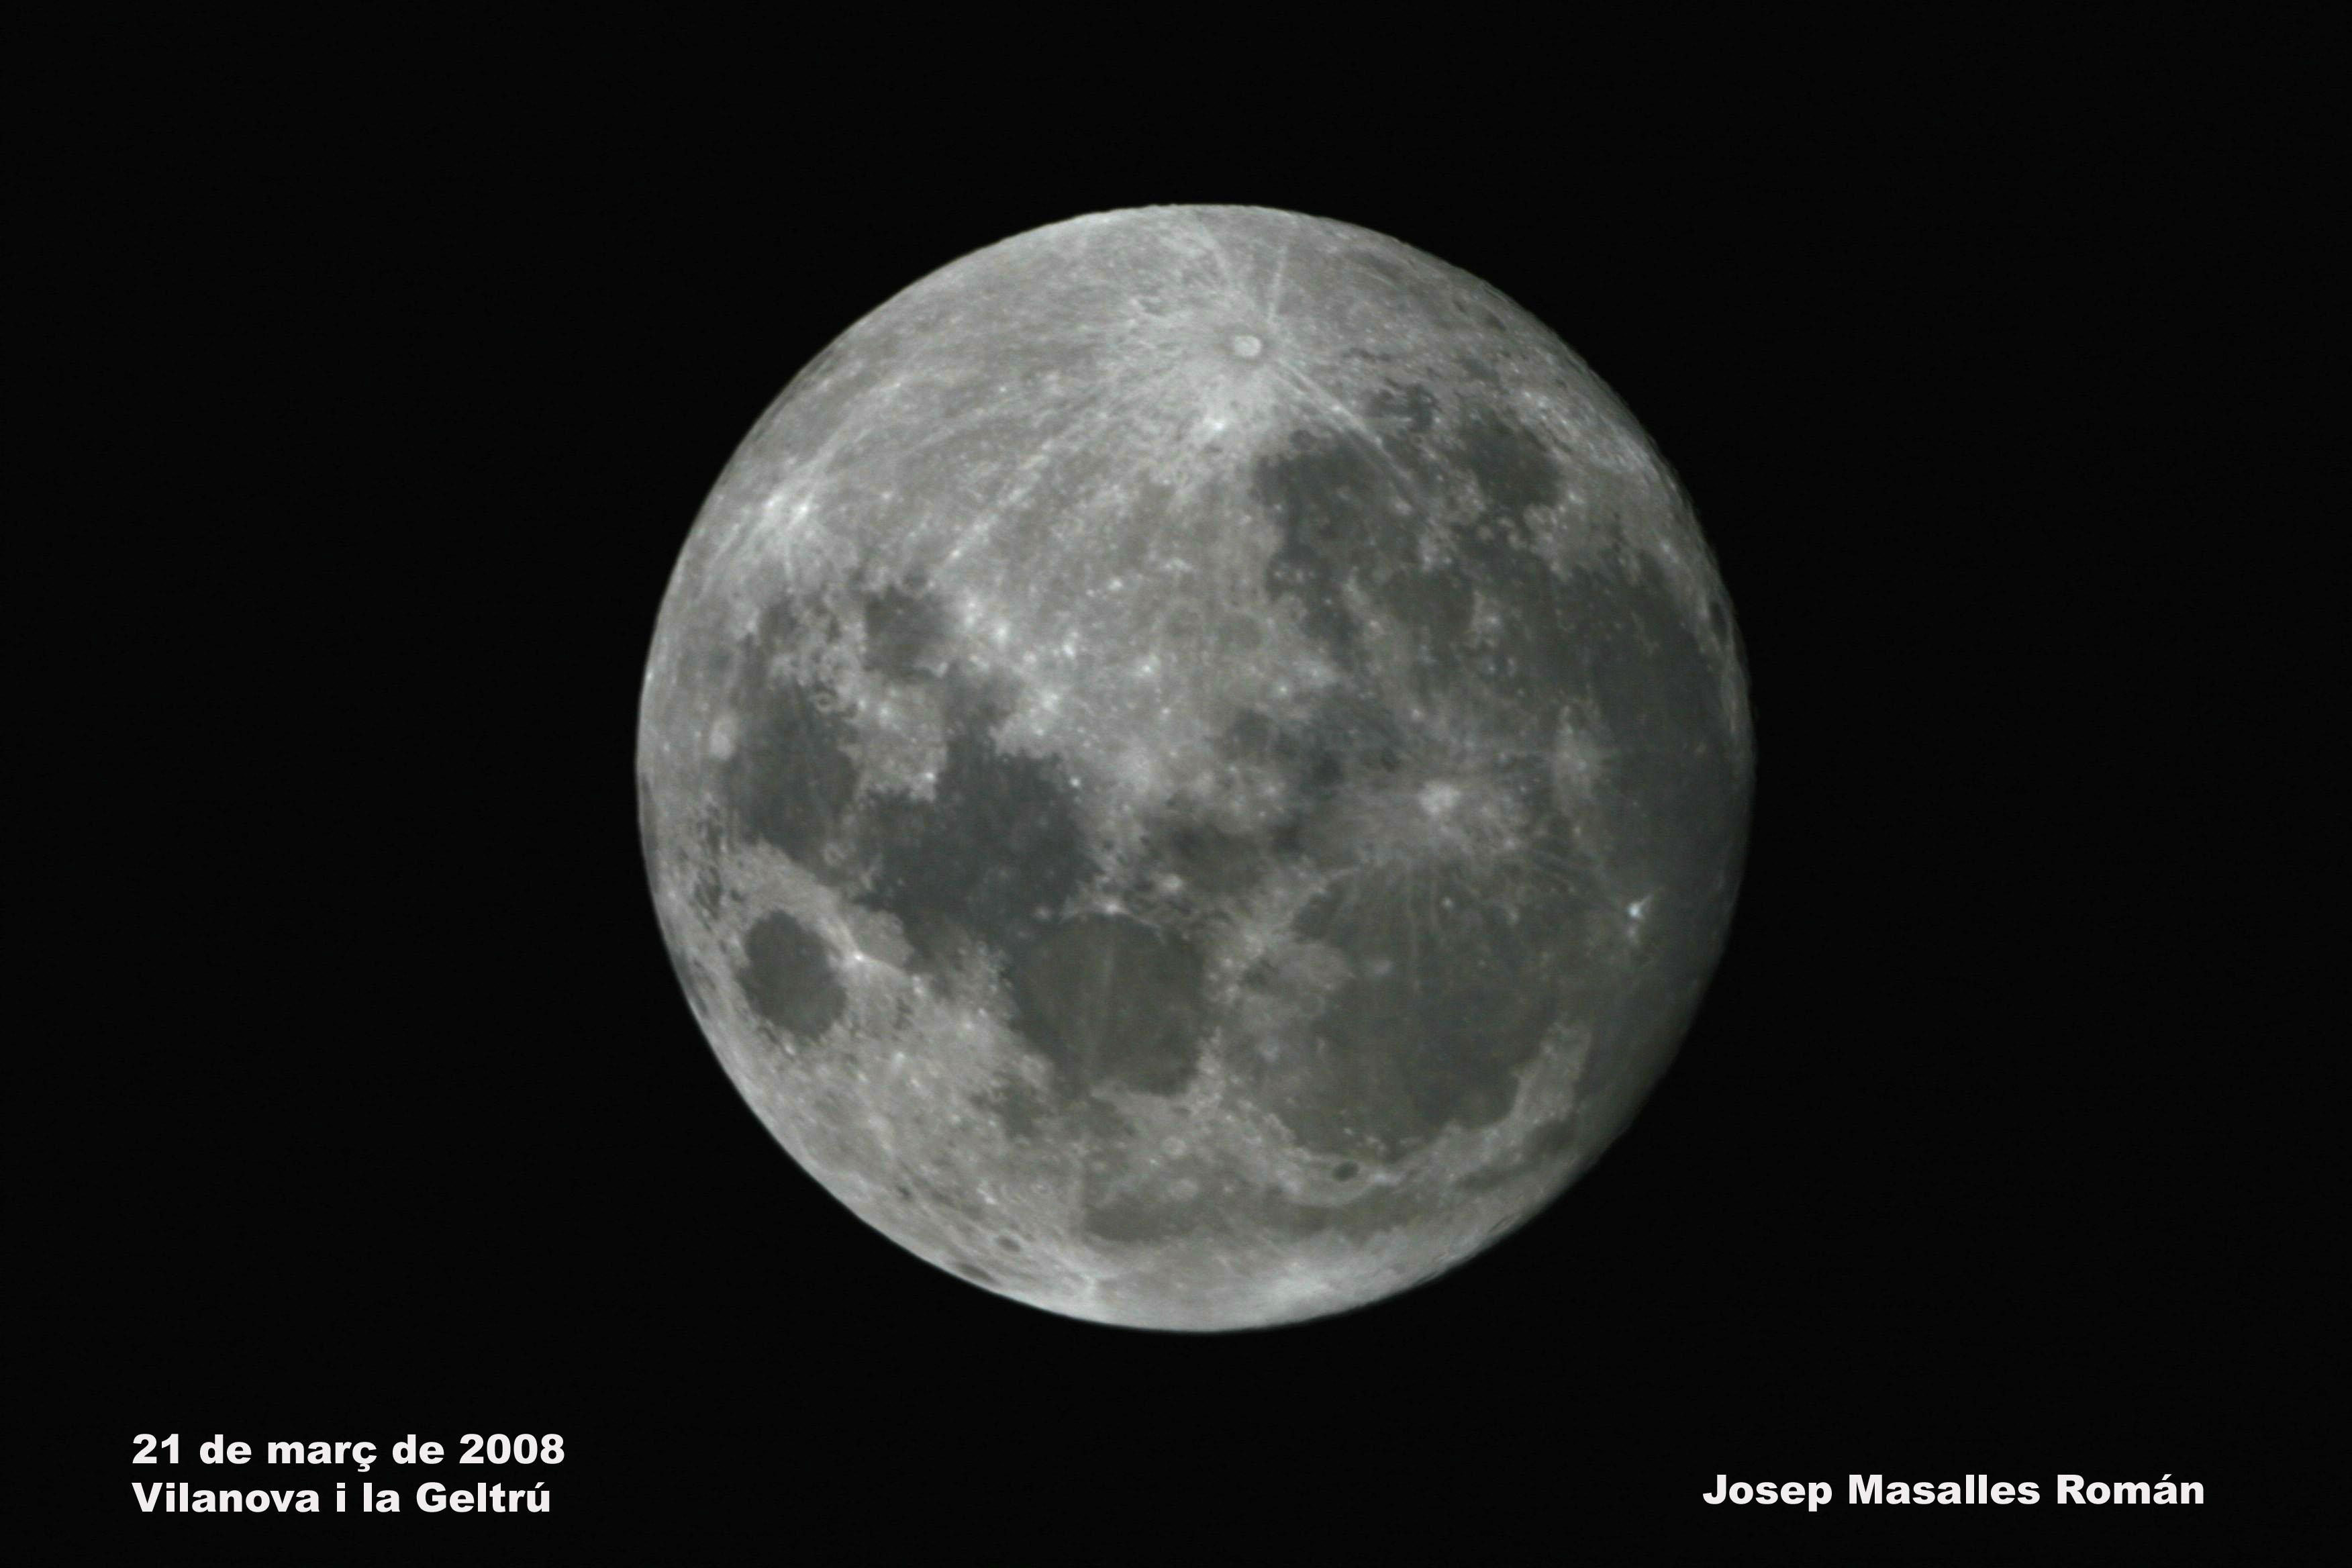 20080321-JMR-Lluna-1